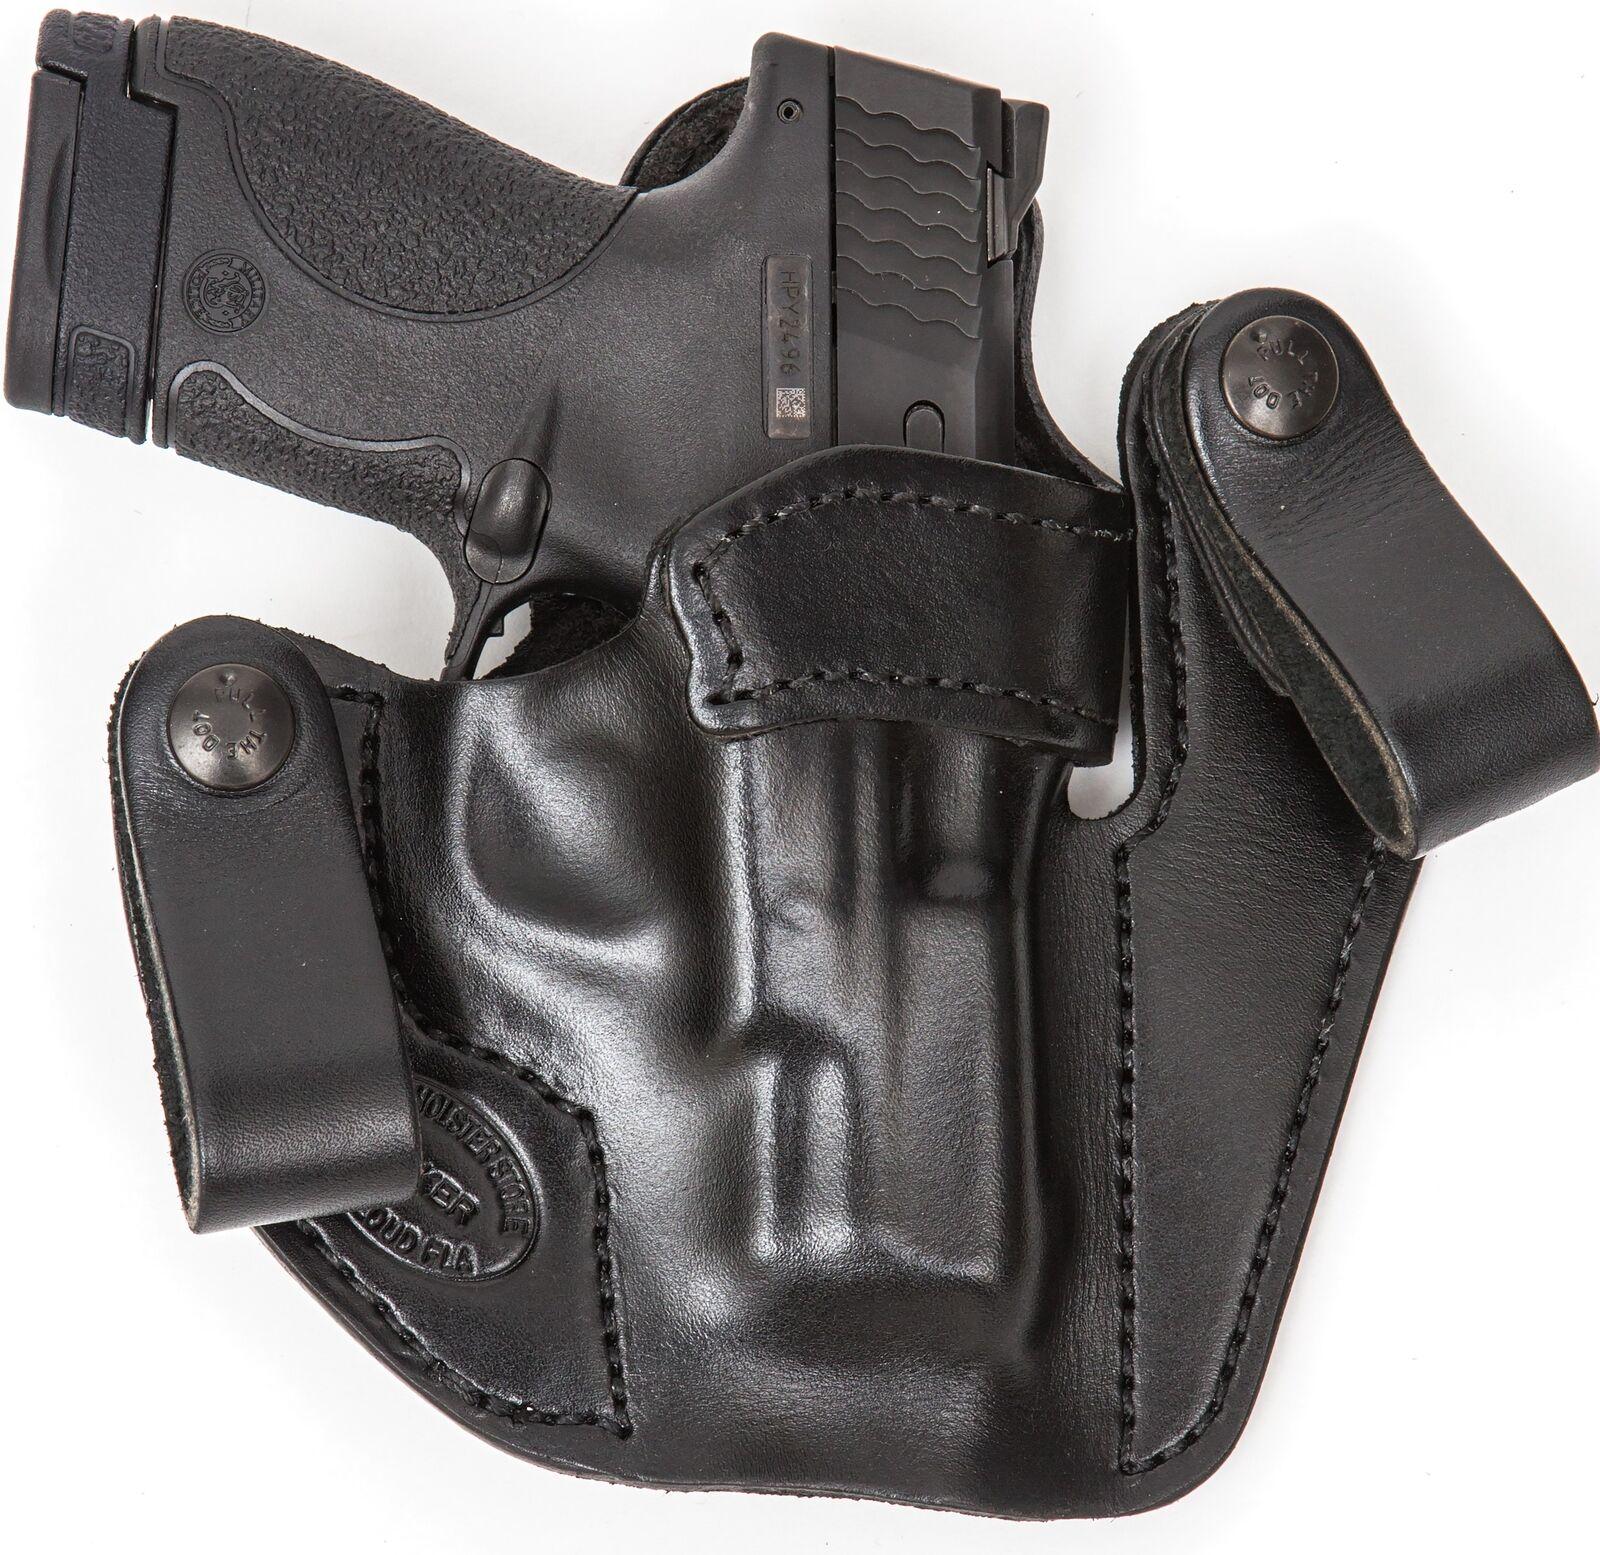 Xtreme llevar RH LH IWB Cuero Funda Pistola Para Beretta 92 Compacto